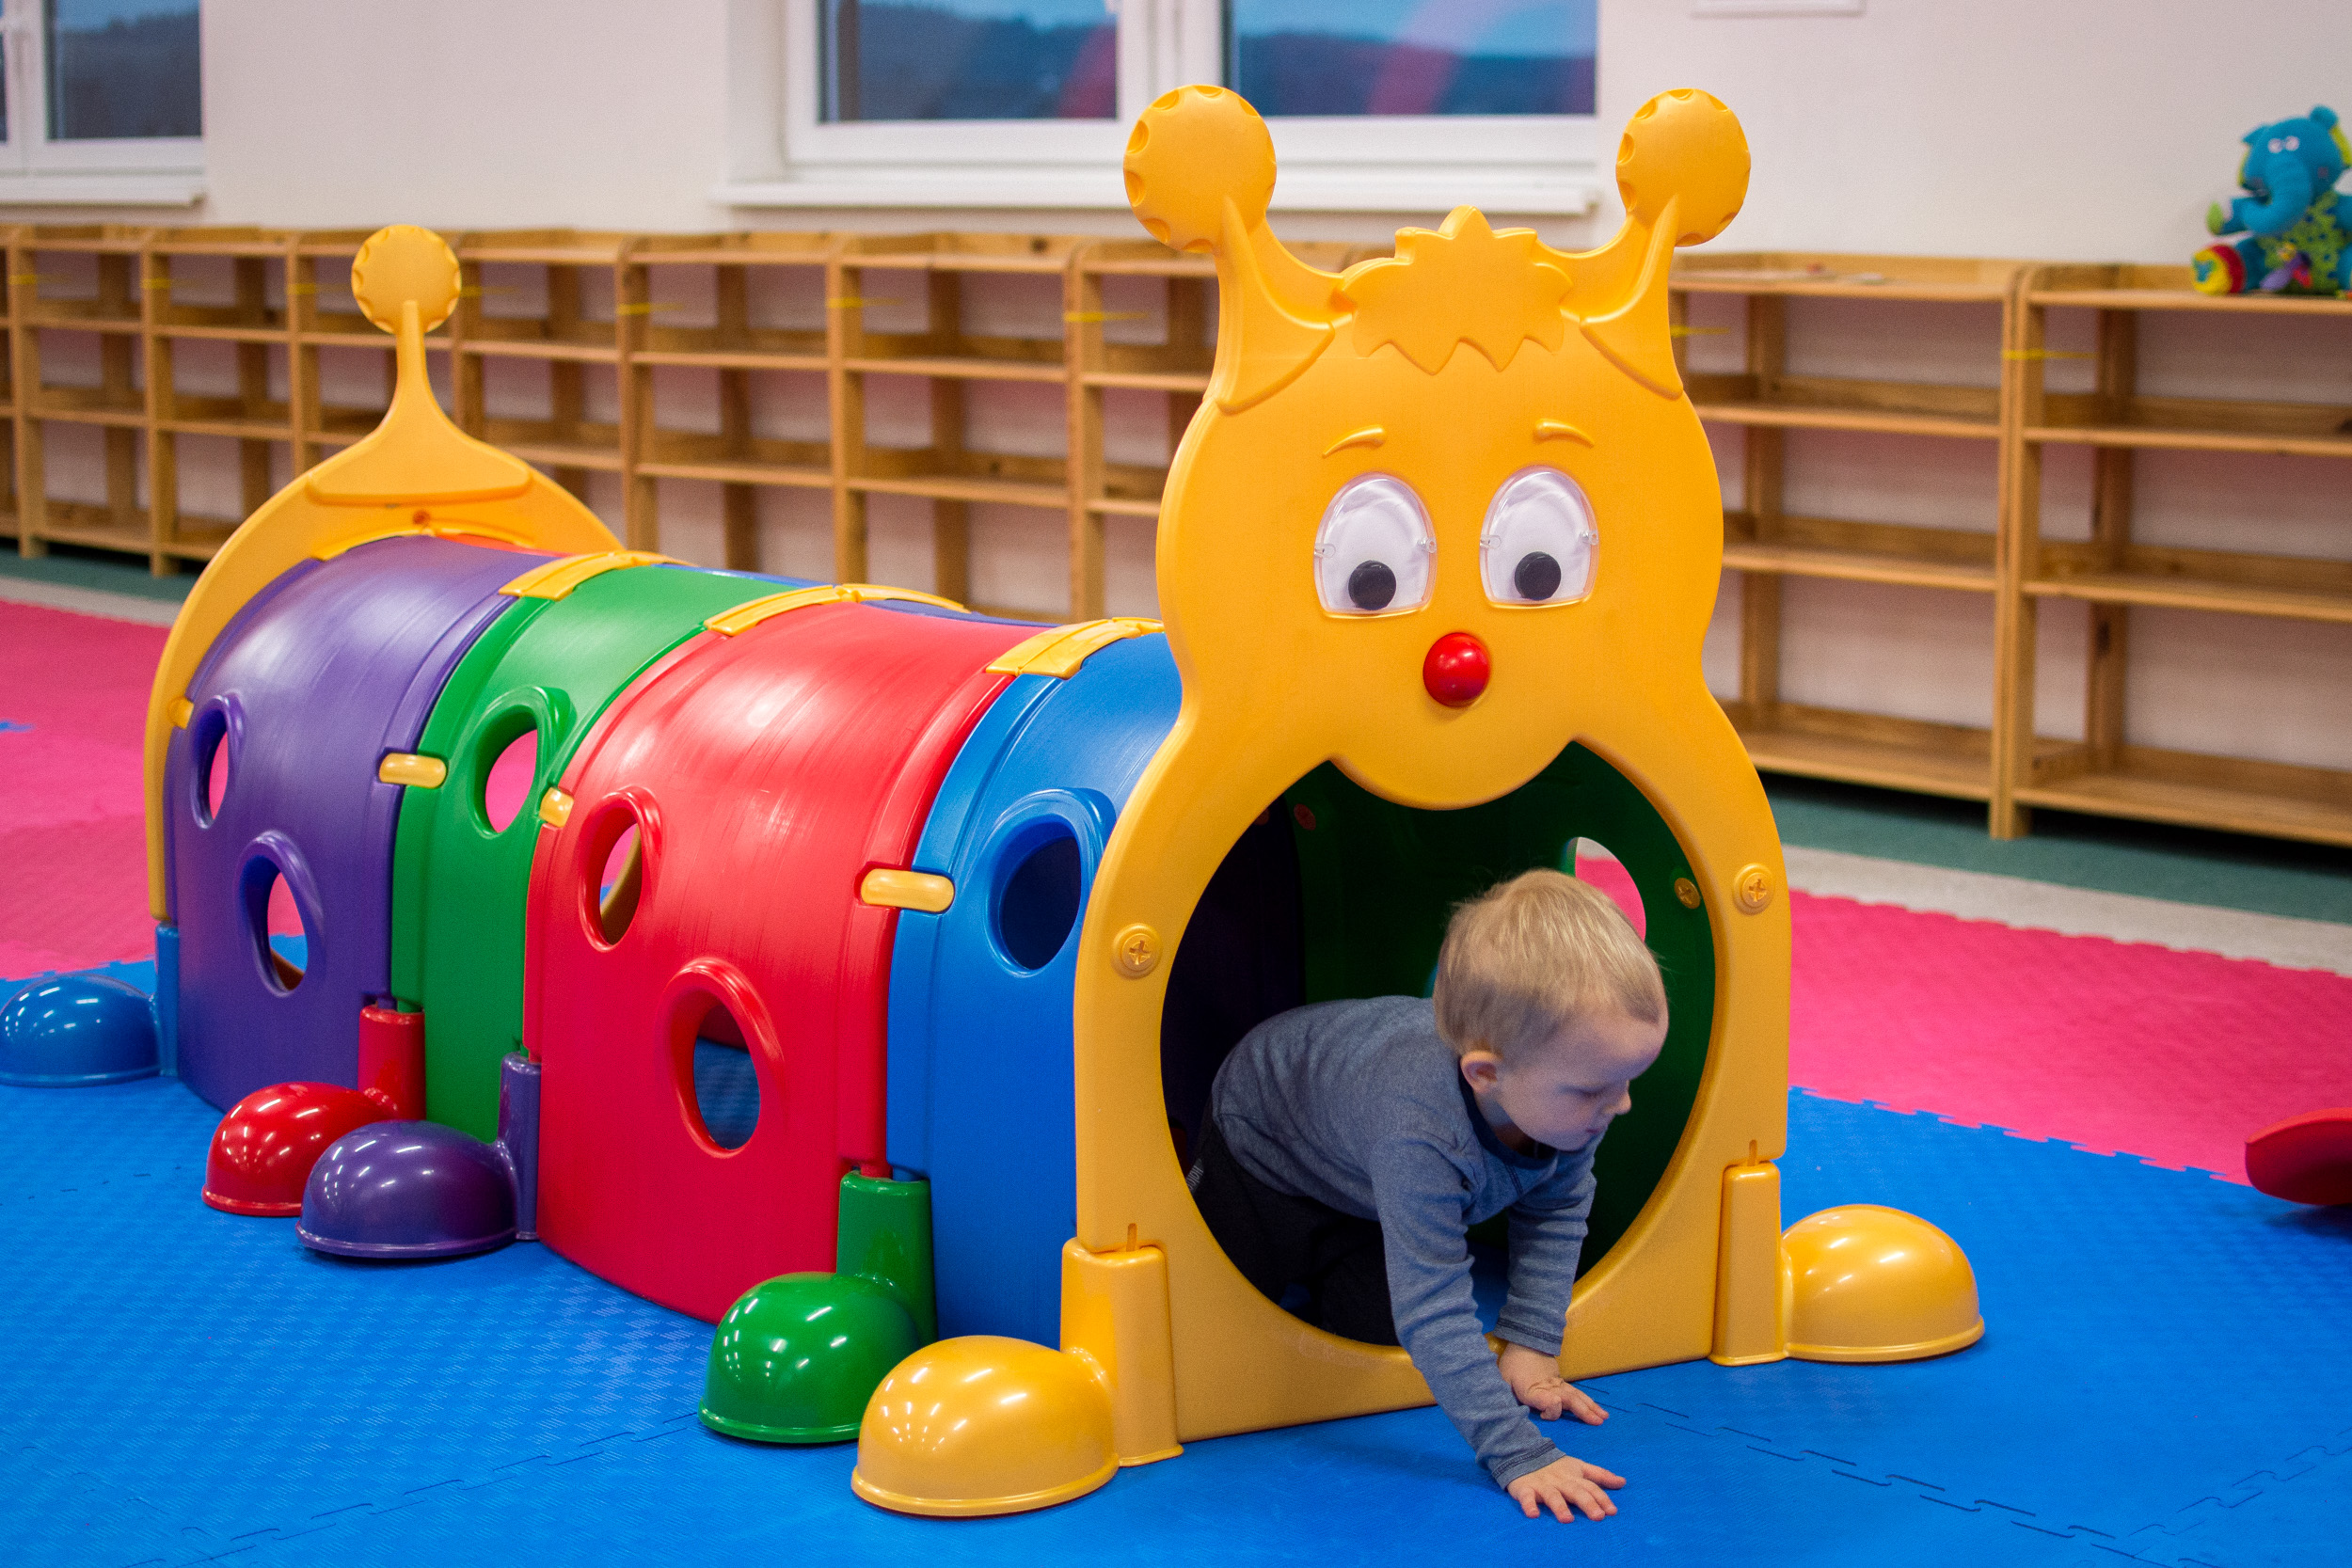 Húsenica Katka Atrakcia pre najmenšie deti, ktoré sa neboja plaziť alebo štvornožkovať vnašom zábavnom tuneli.